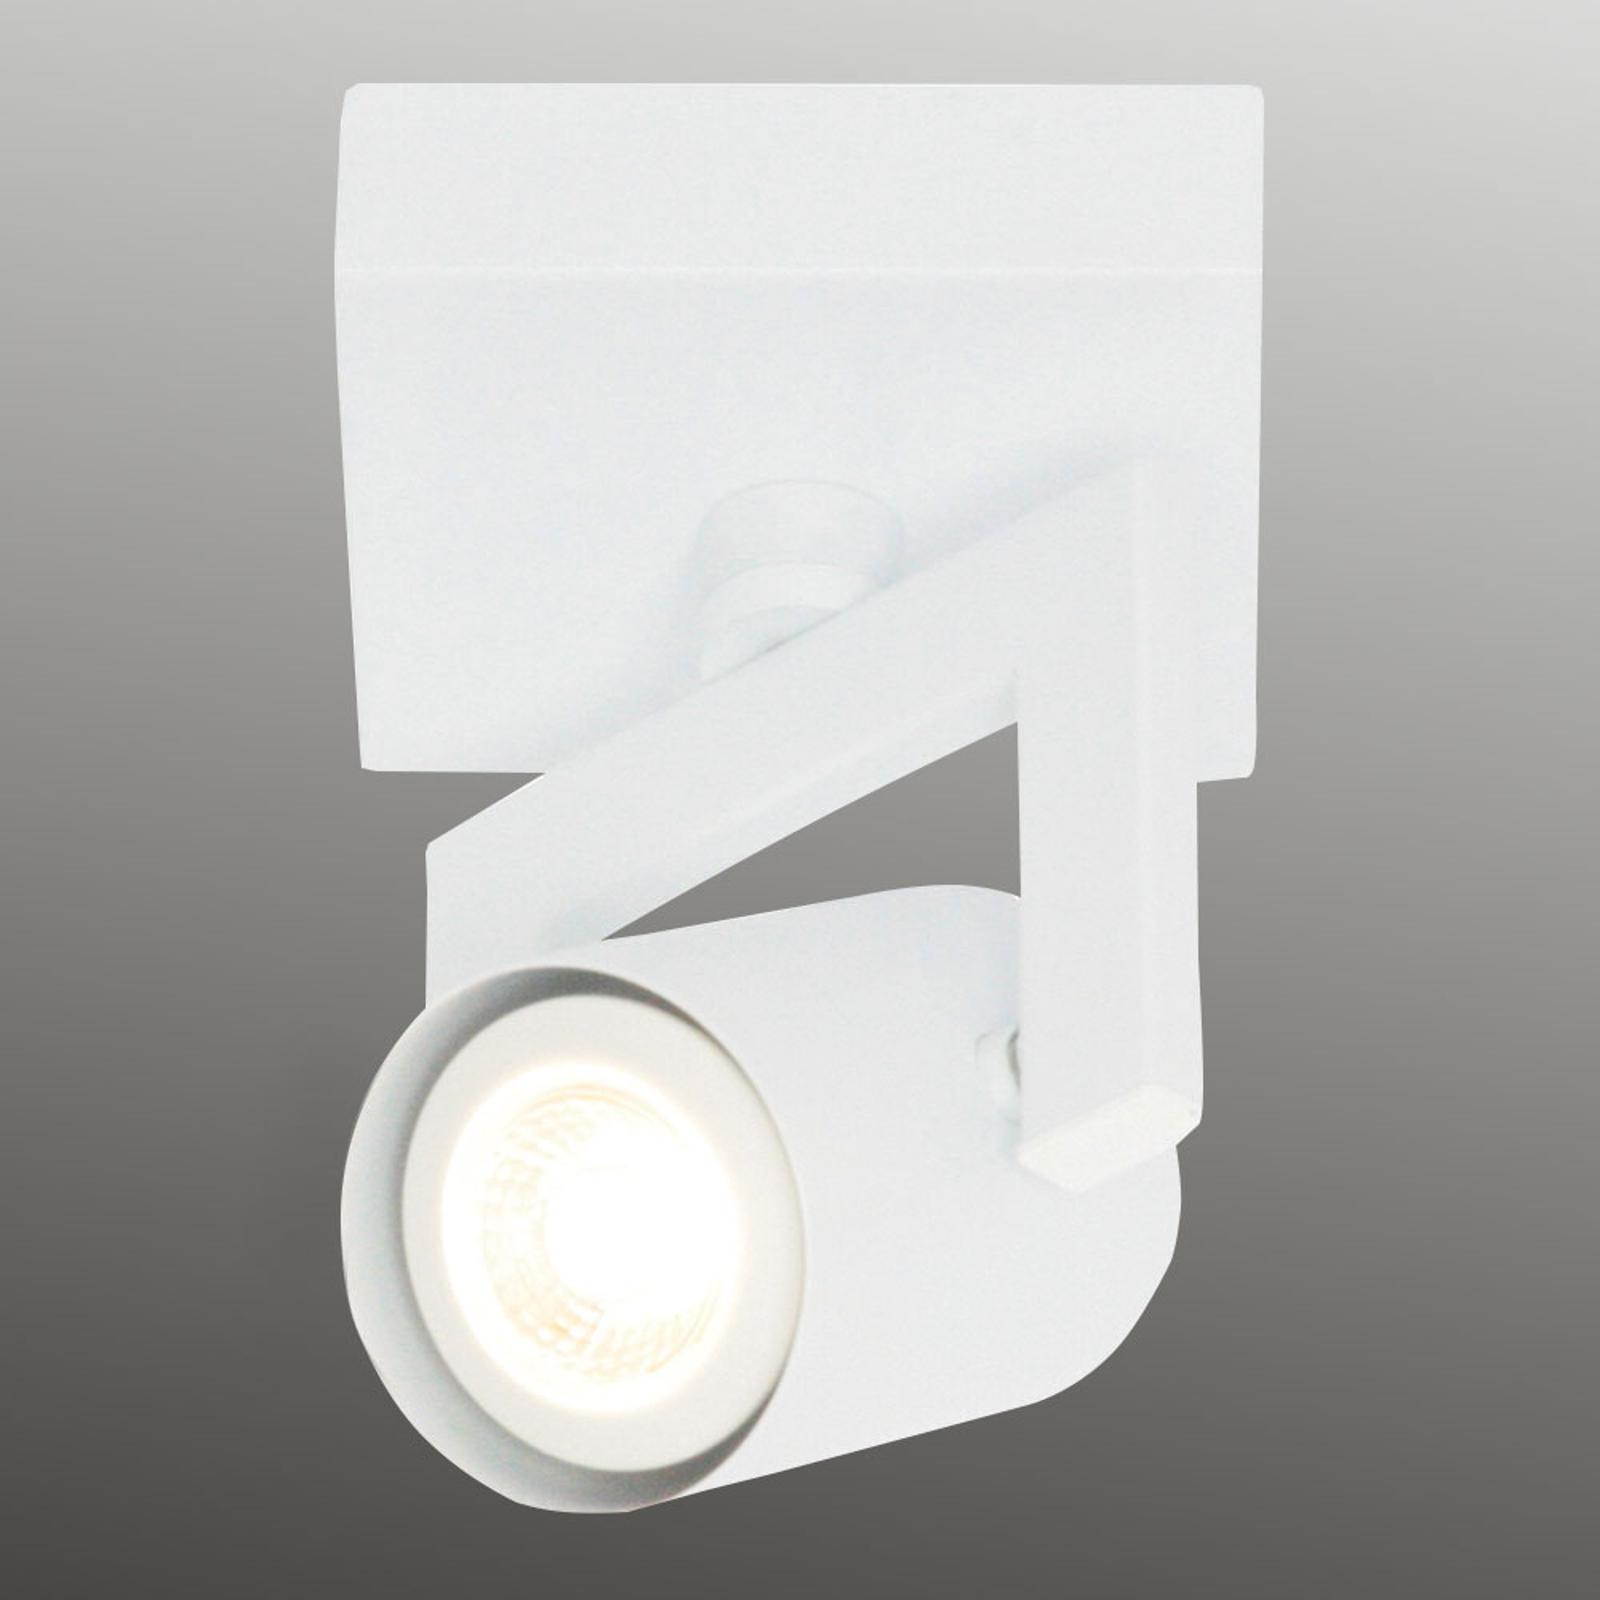 Weiße Deckenleuchte ValvoLED 1-flg. kaufen